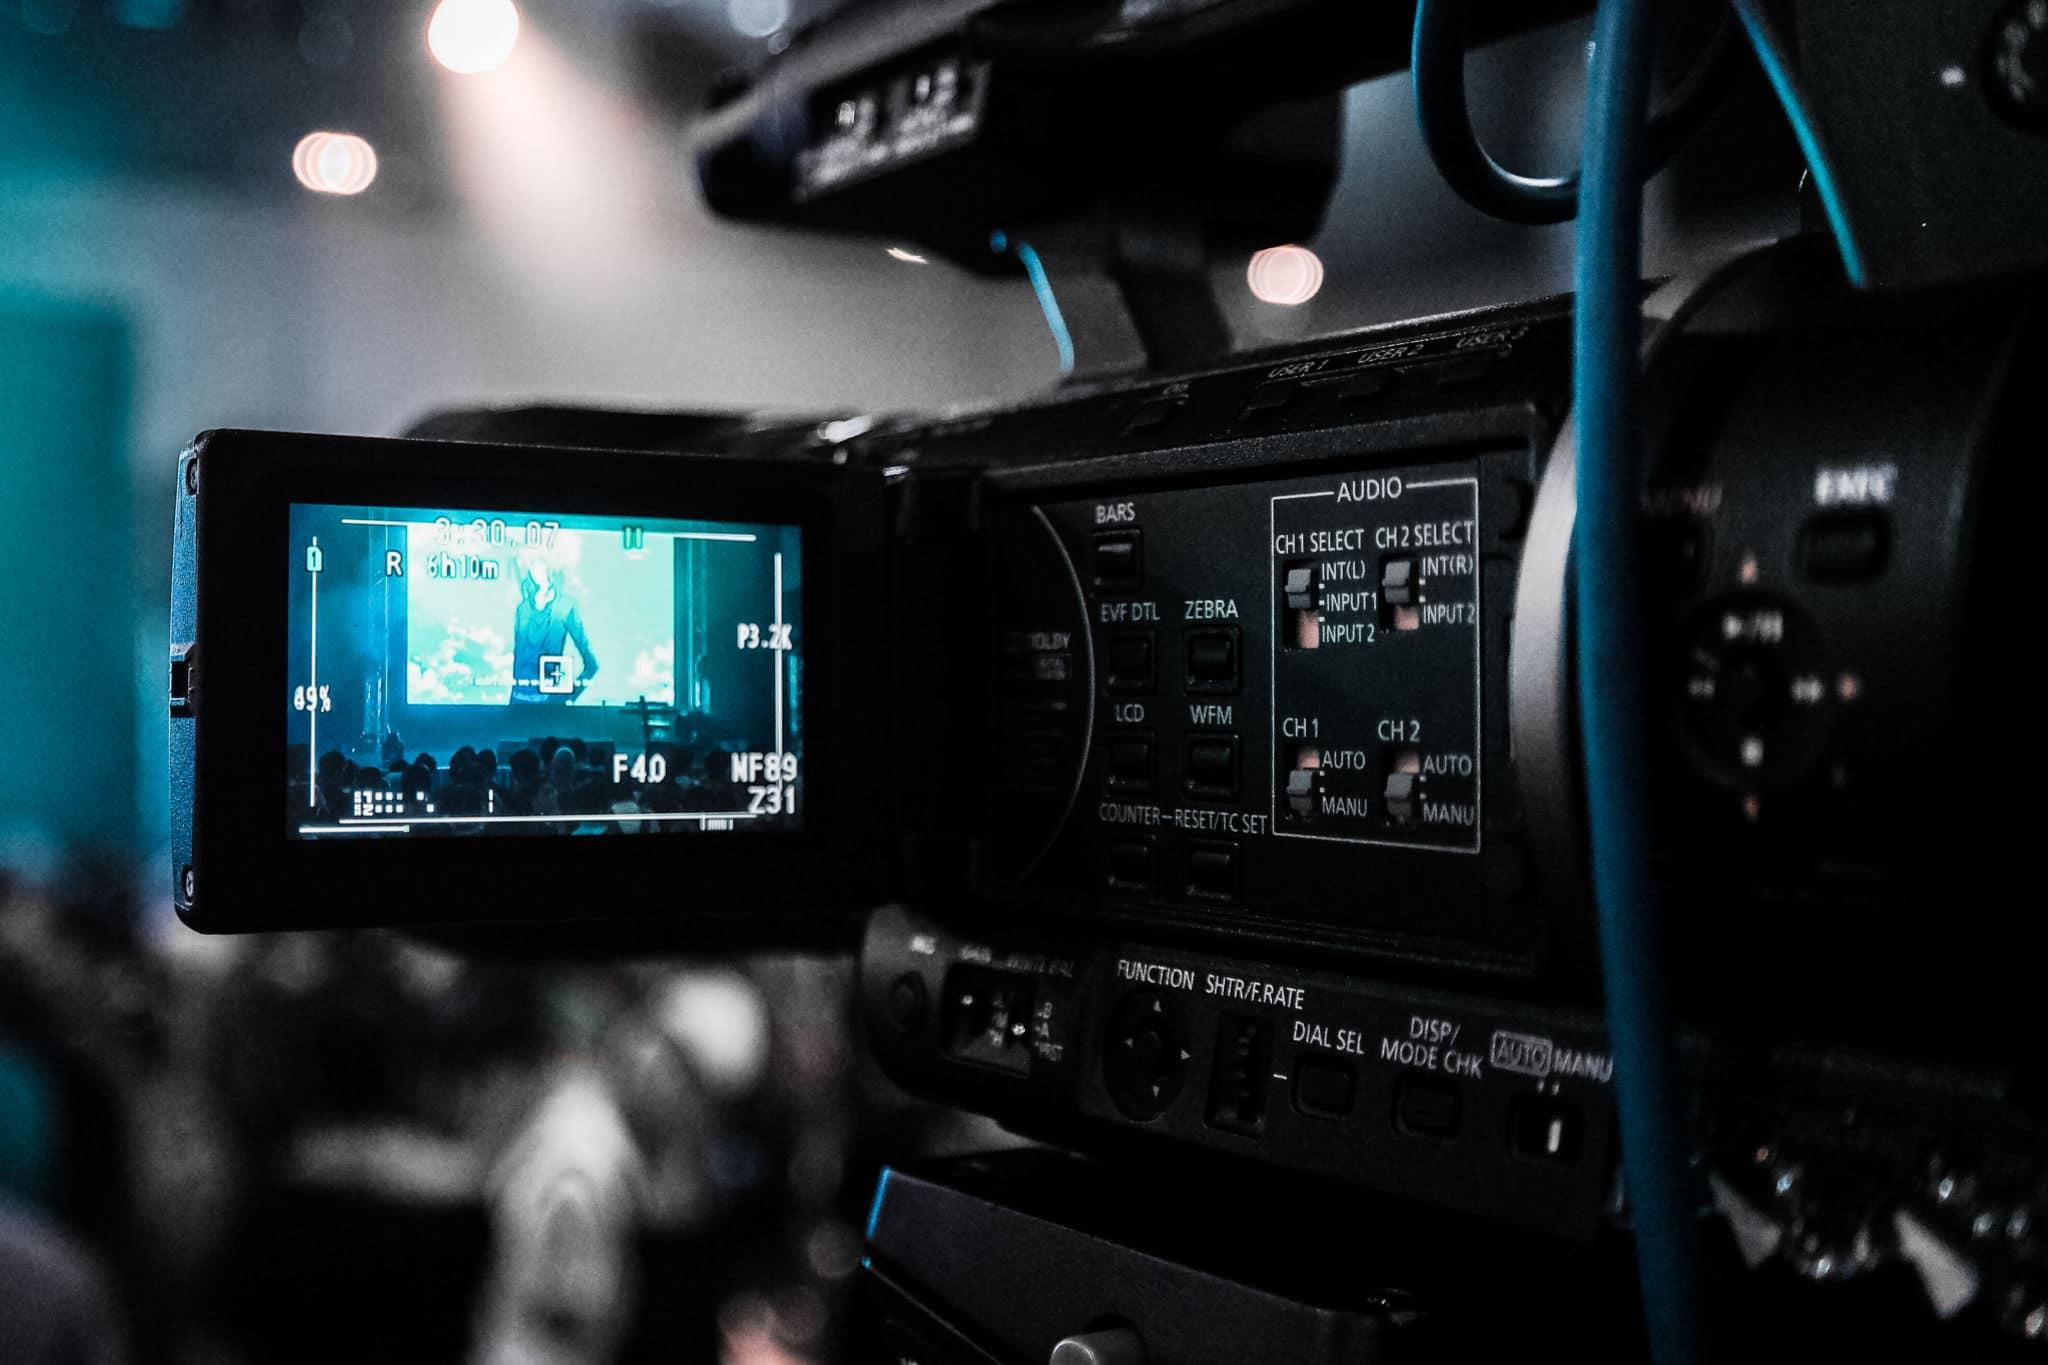 Tournage de court metrage : gros plan sur une caméra, on peut voir ce qu'elle filme à travers son écran